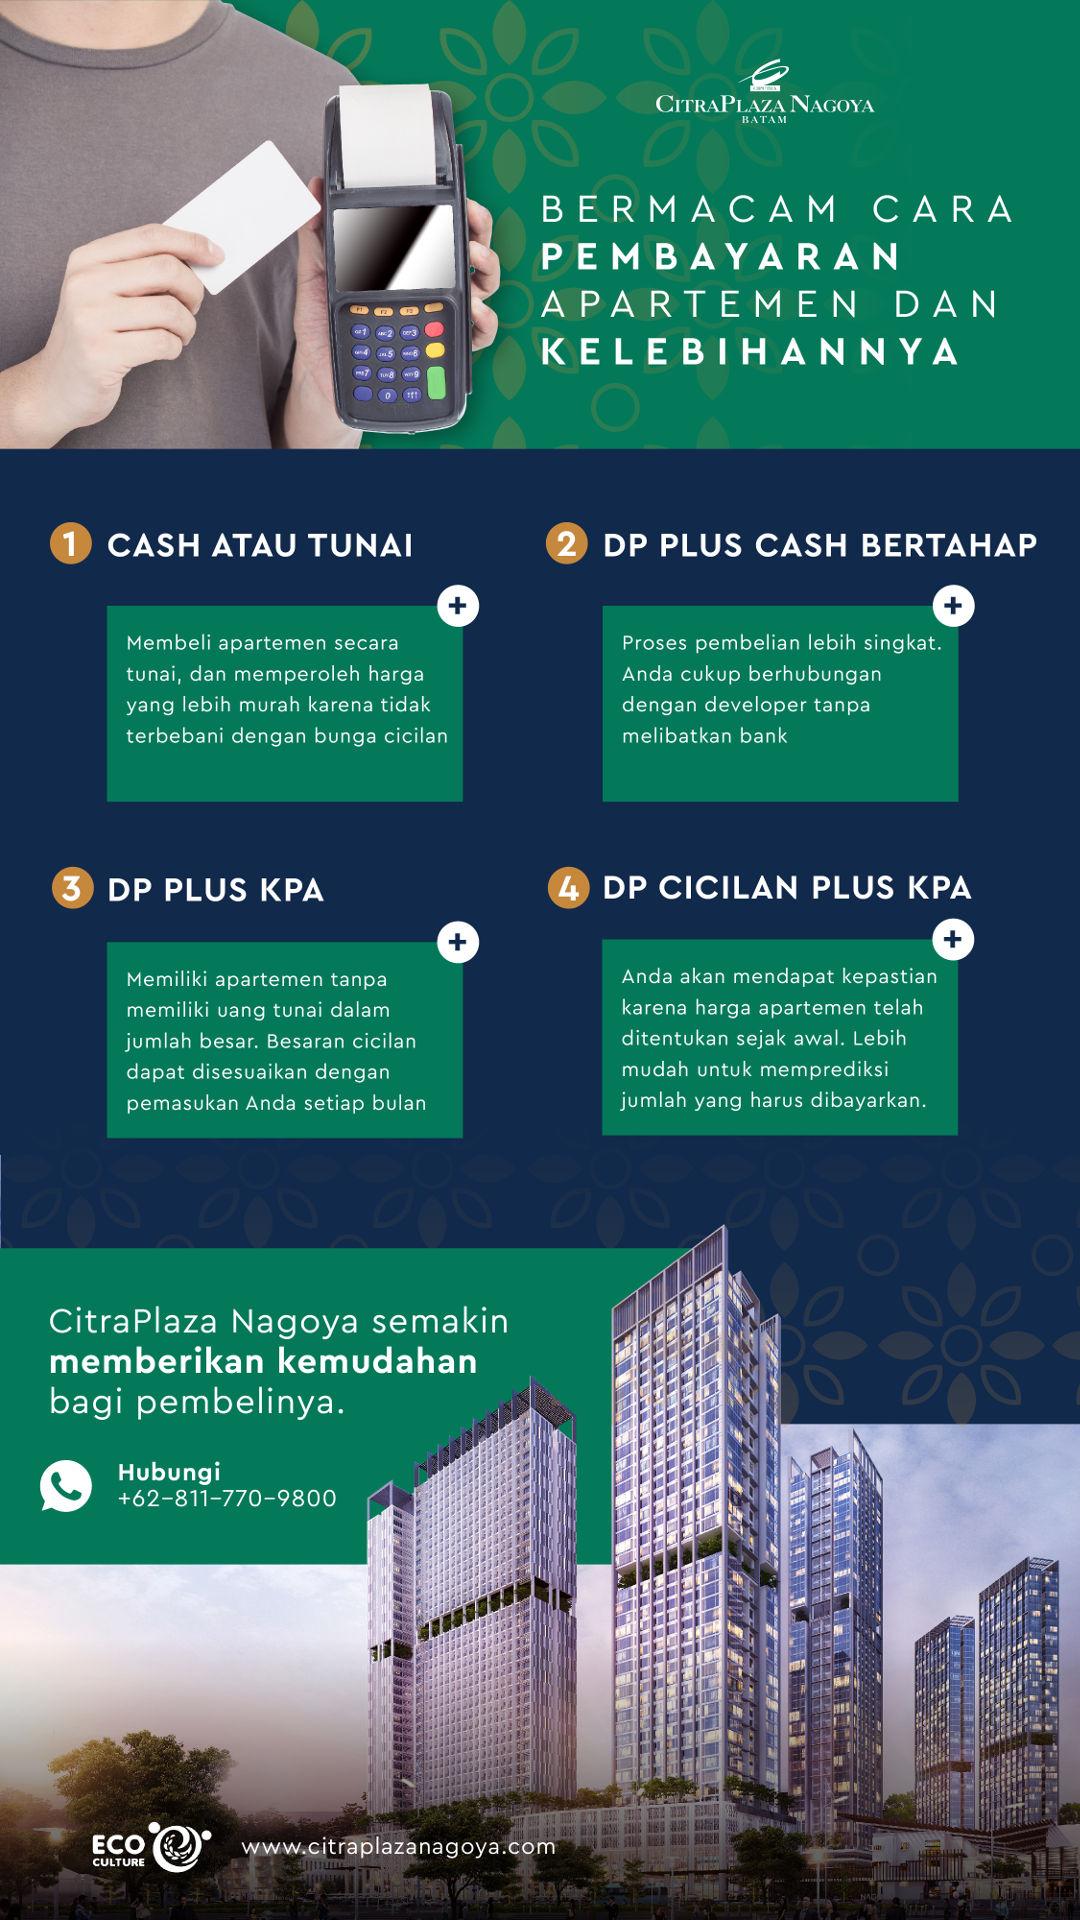 Bermacam Cara Pembayaran Apartemen dan Kelebihannya (Infografis) - CitraPlaza Nagoya